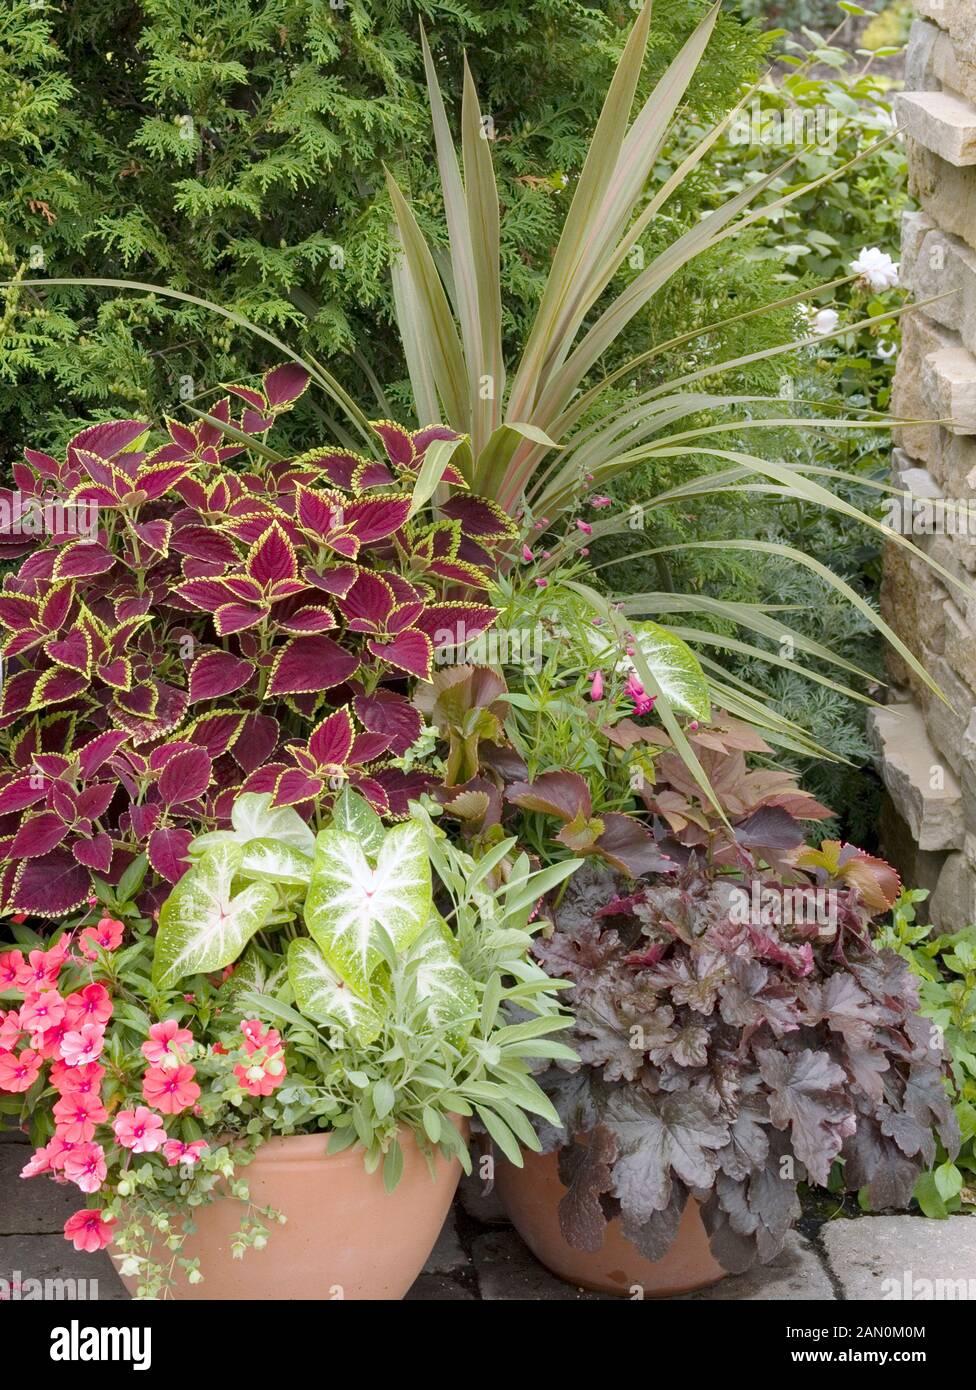 Container Planting Coleus Caladium Petunia Heuchera Phormium Stock